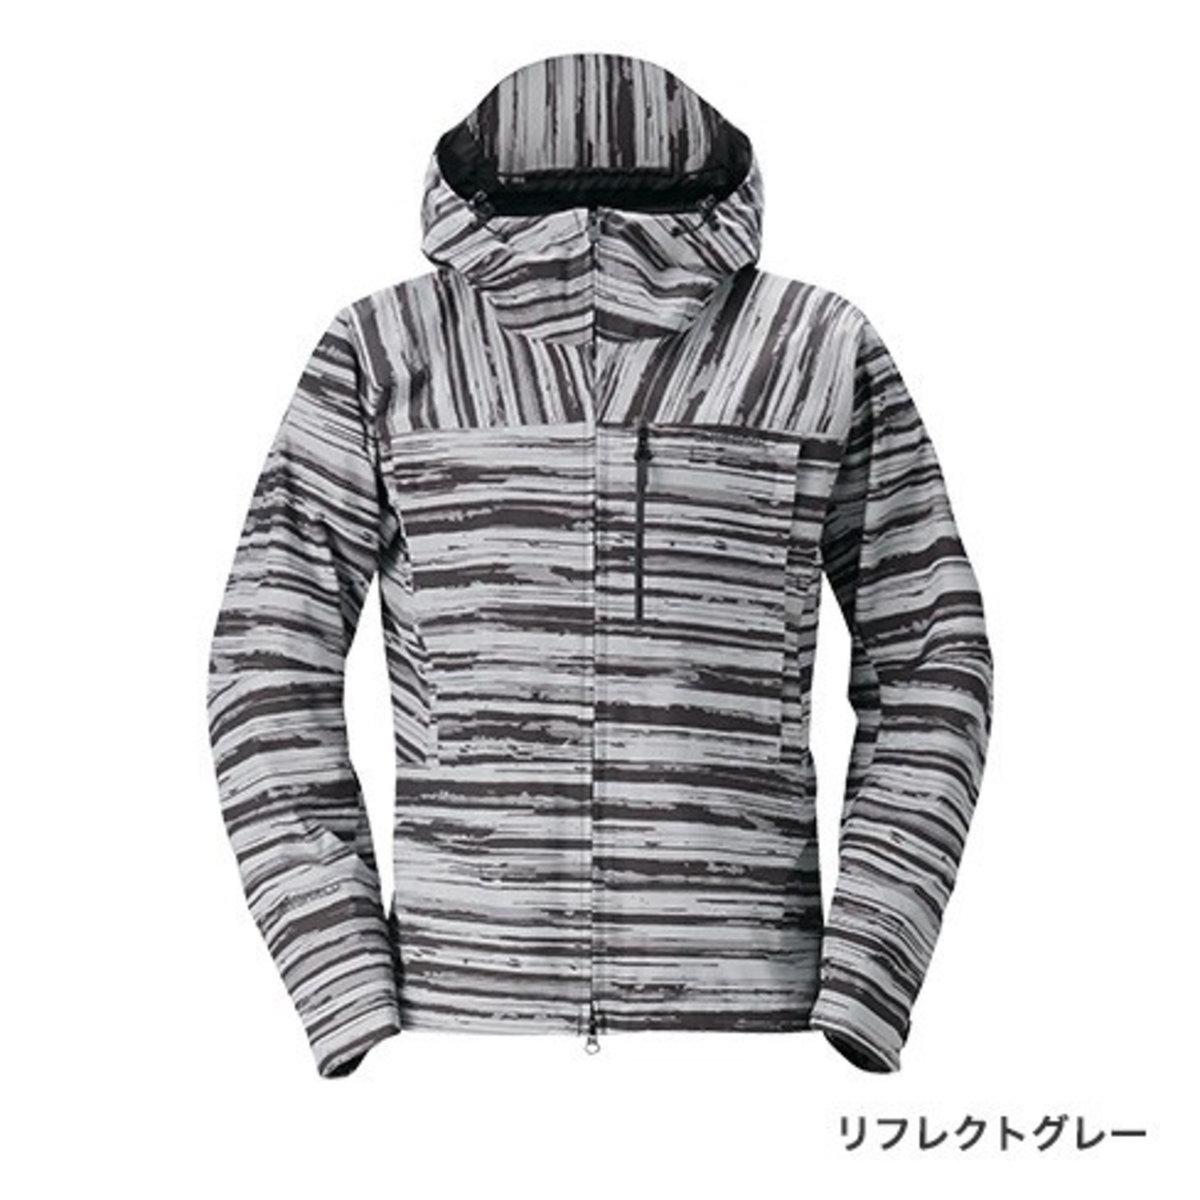 【送料無料4】シマノ DSエクスプローラーレインジャケット RA-04JT リフレクトグレー M